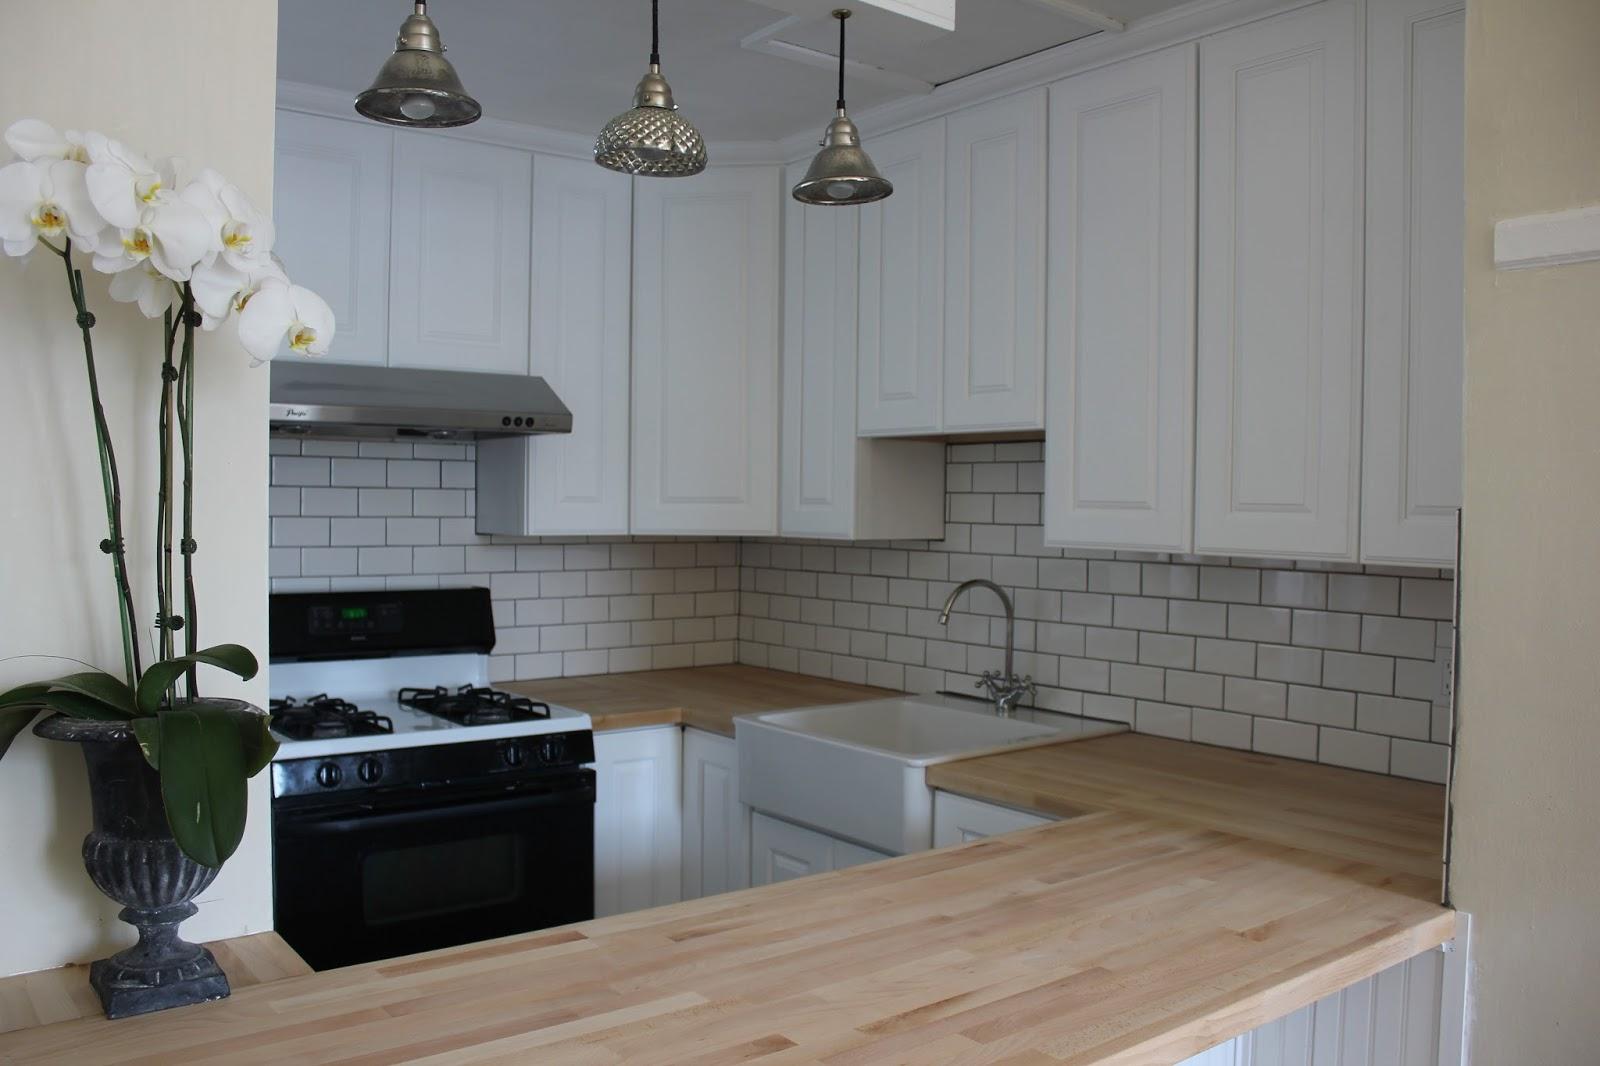 Ikea Kitchen Butcher Block Counter Modern Diy Art Designs